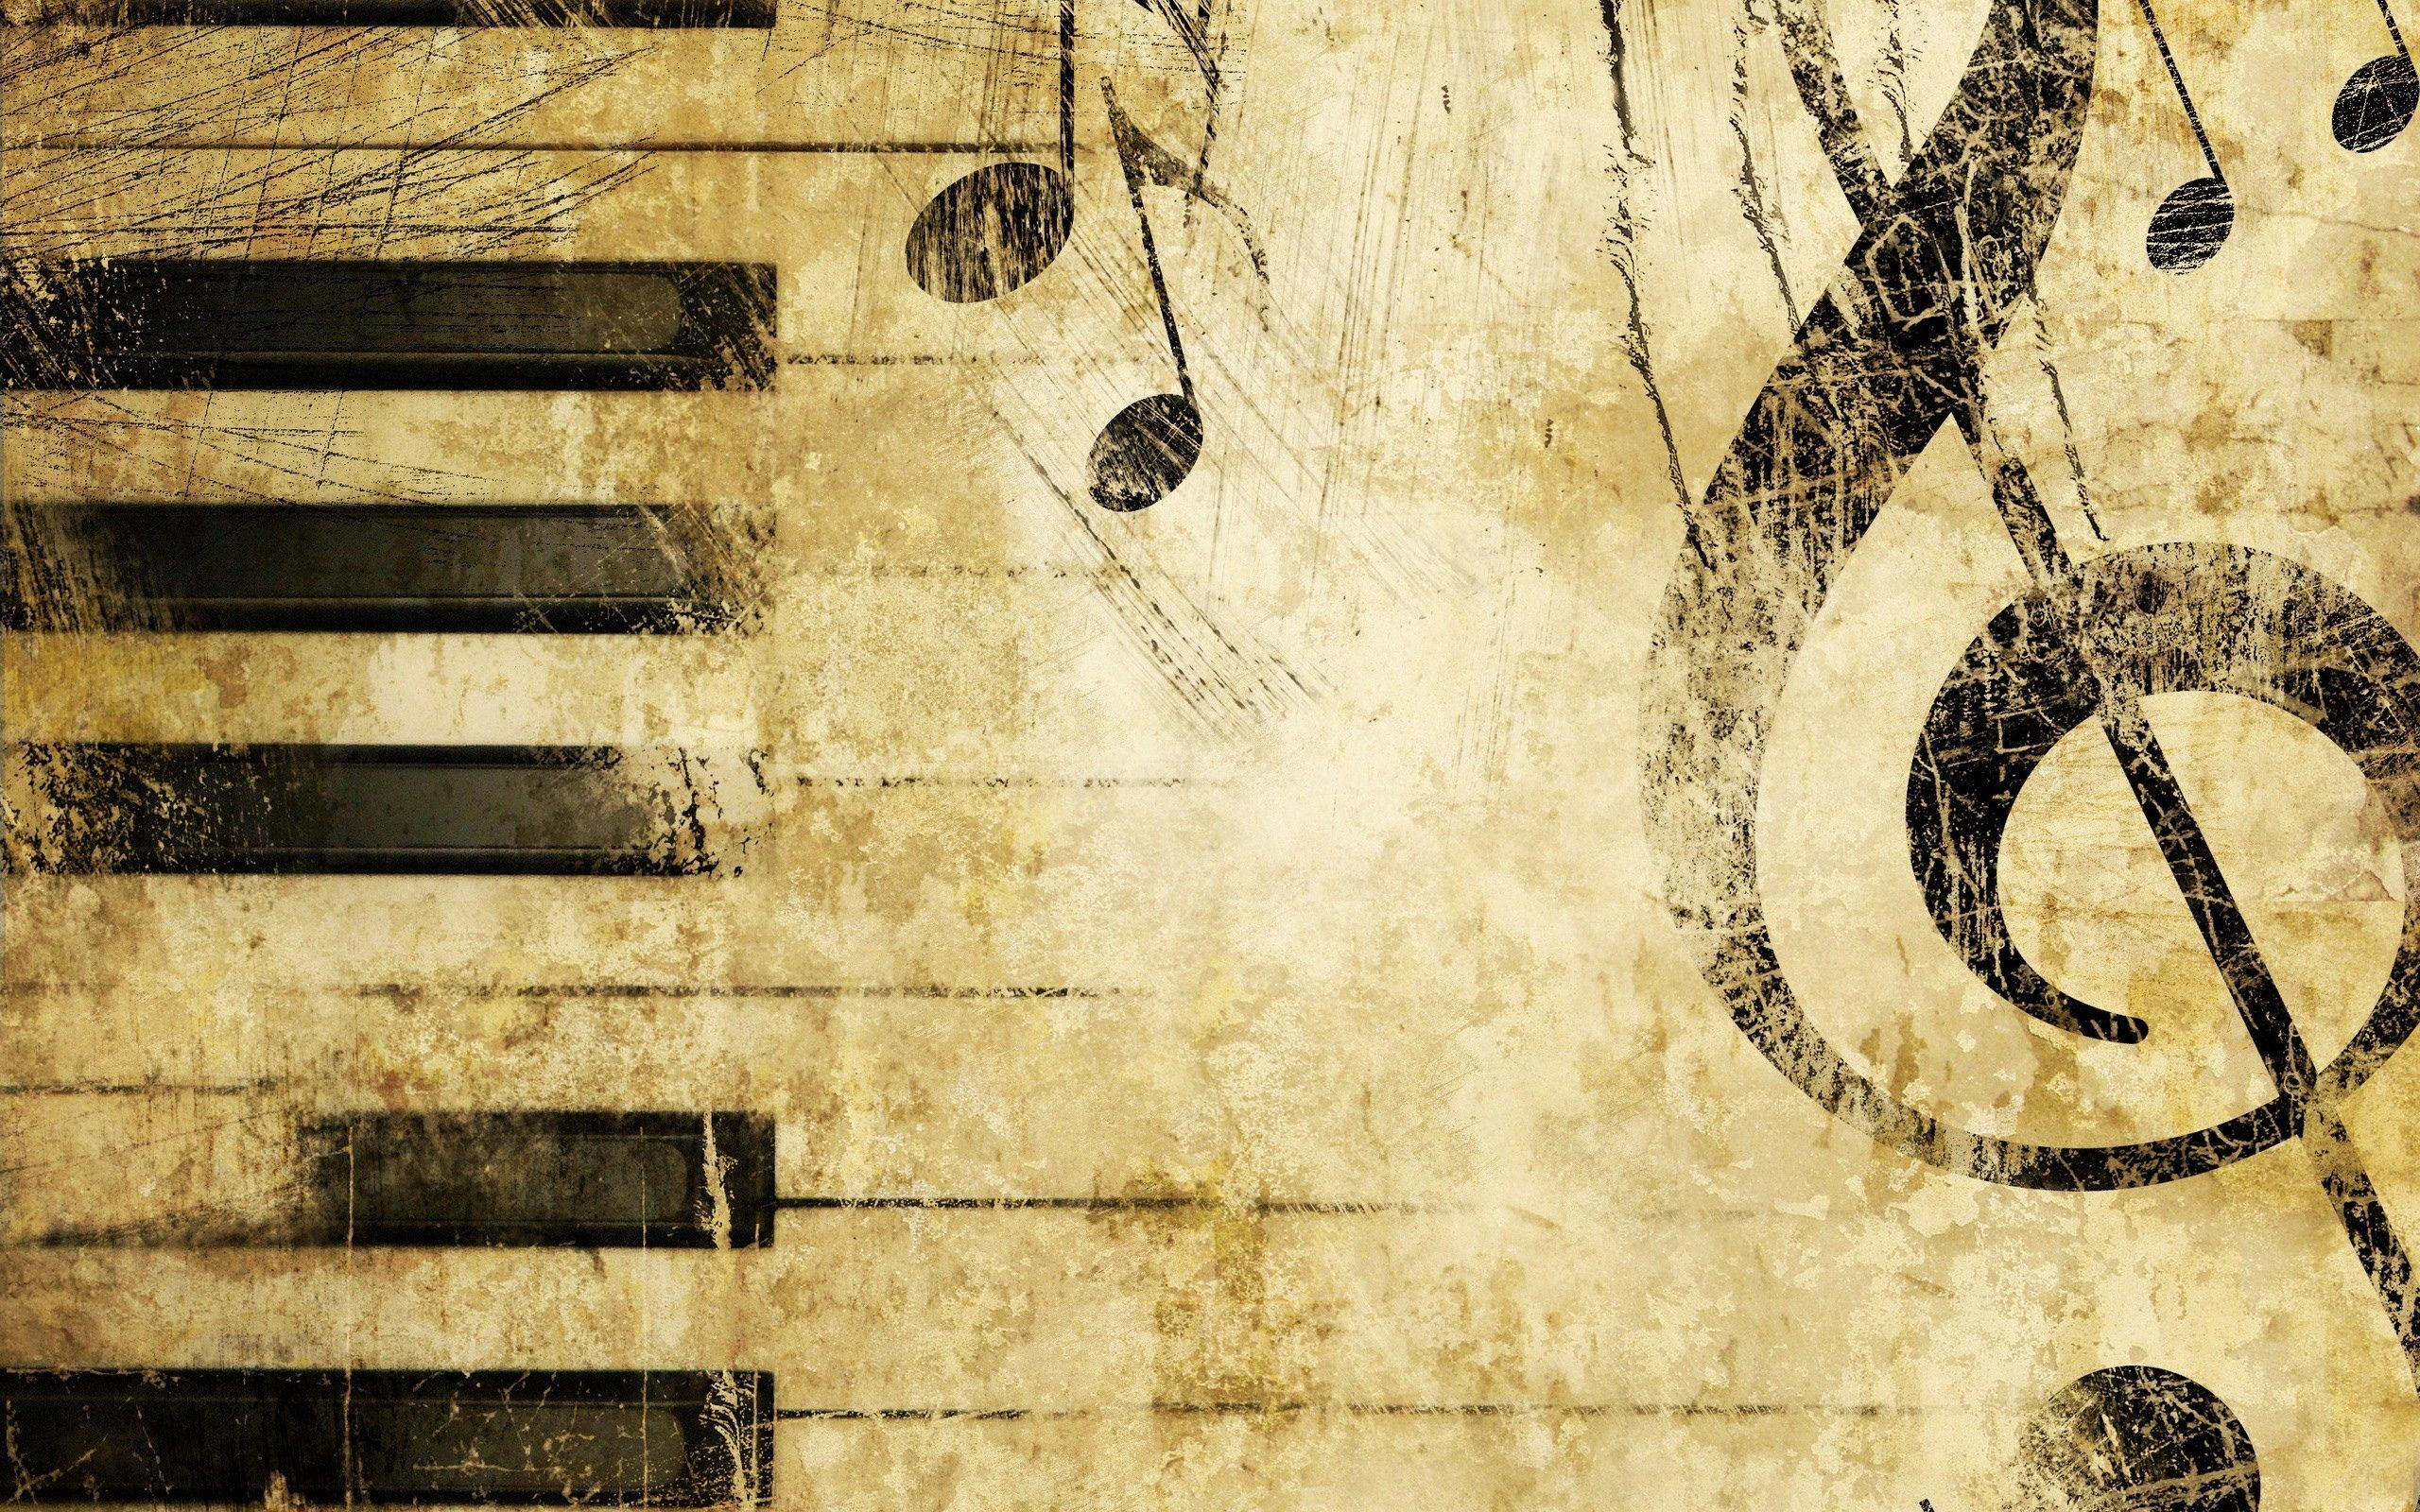 92579 Hintergrundbild herunterladen Musik, Verschiedenes, Sonstige, Schlüssel, Anmerkungen, Violinschlüssel, Dreifacher Schlüssel - Bildschirmschoner und Bilder kostenlos